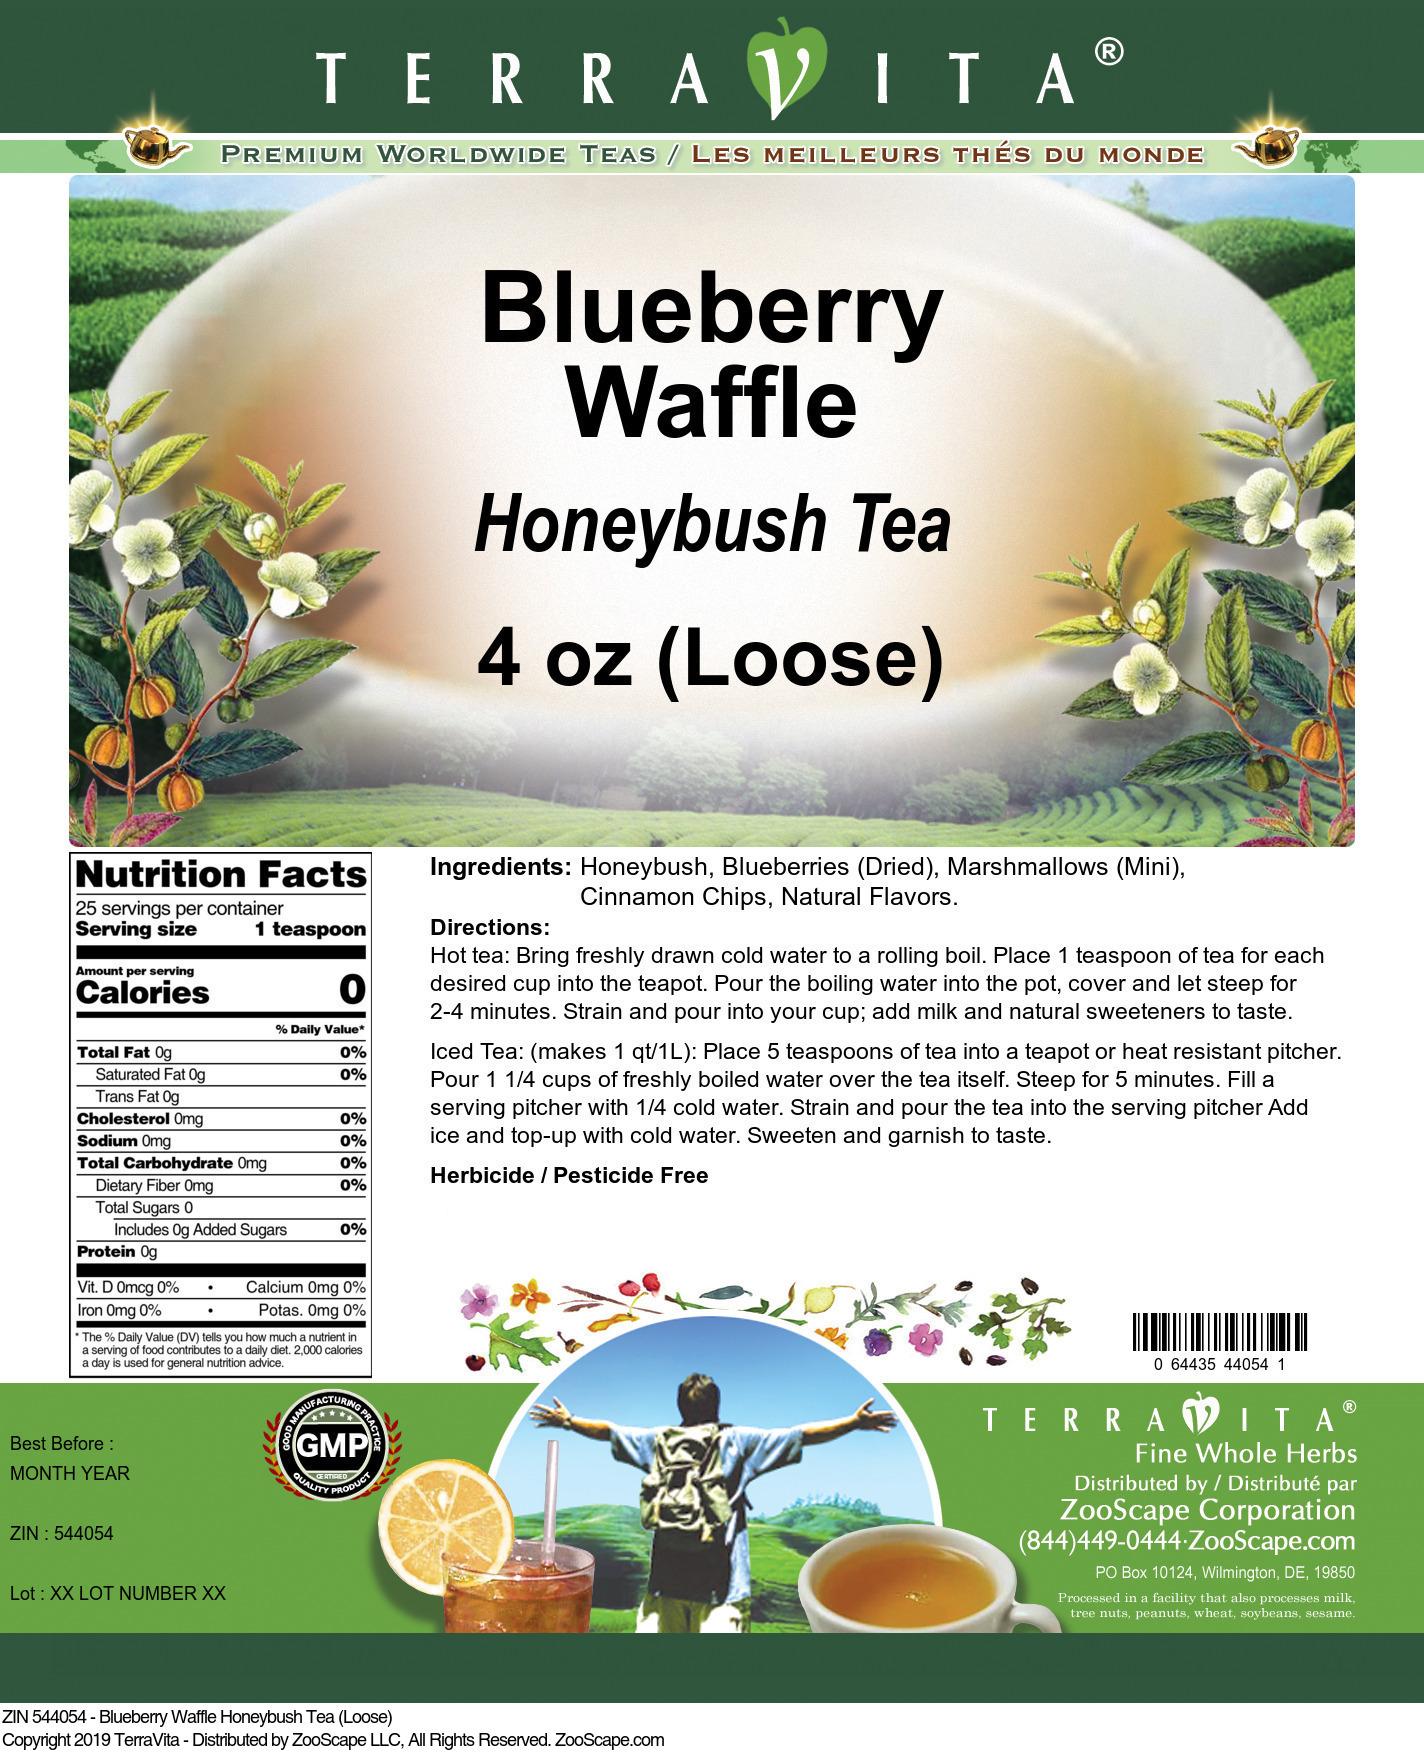 Blueberry Waffle Honeybush Tea (Loose)